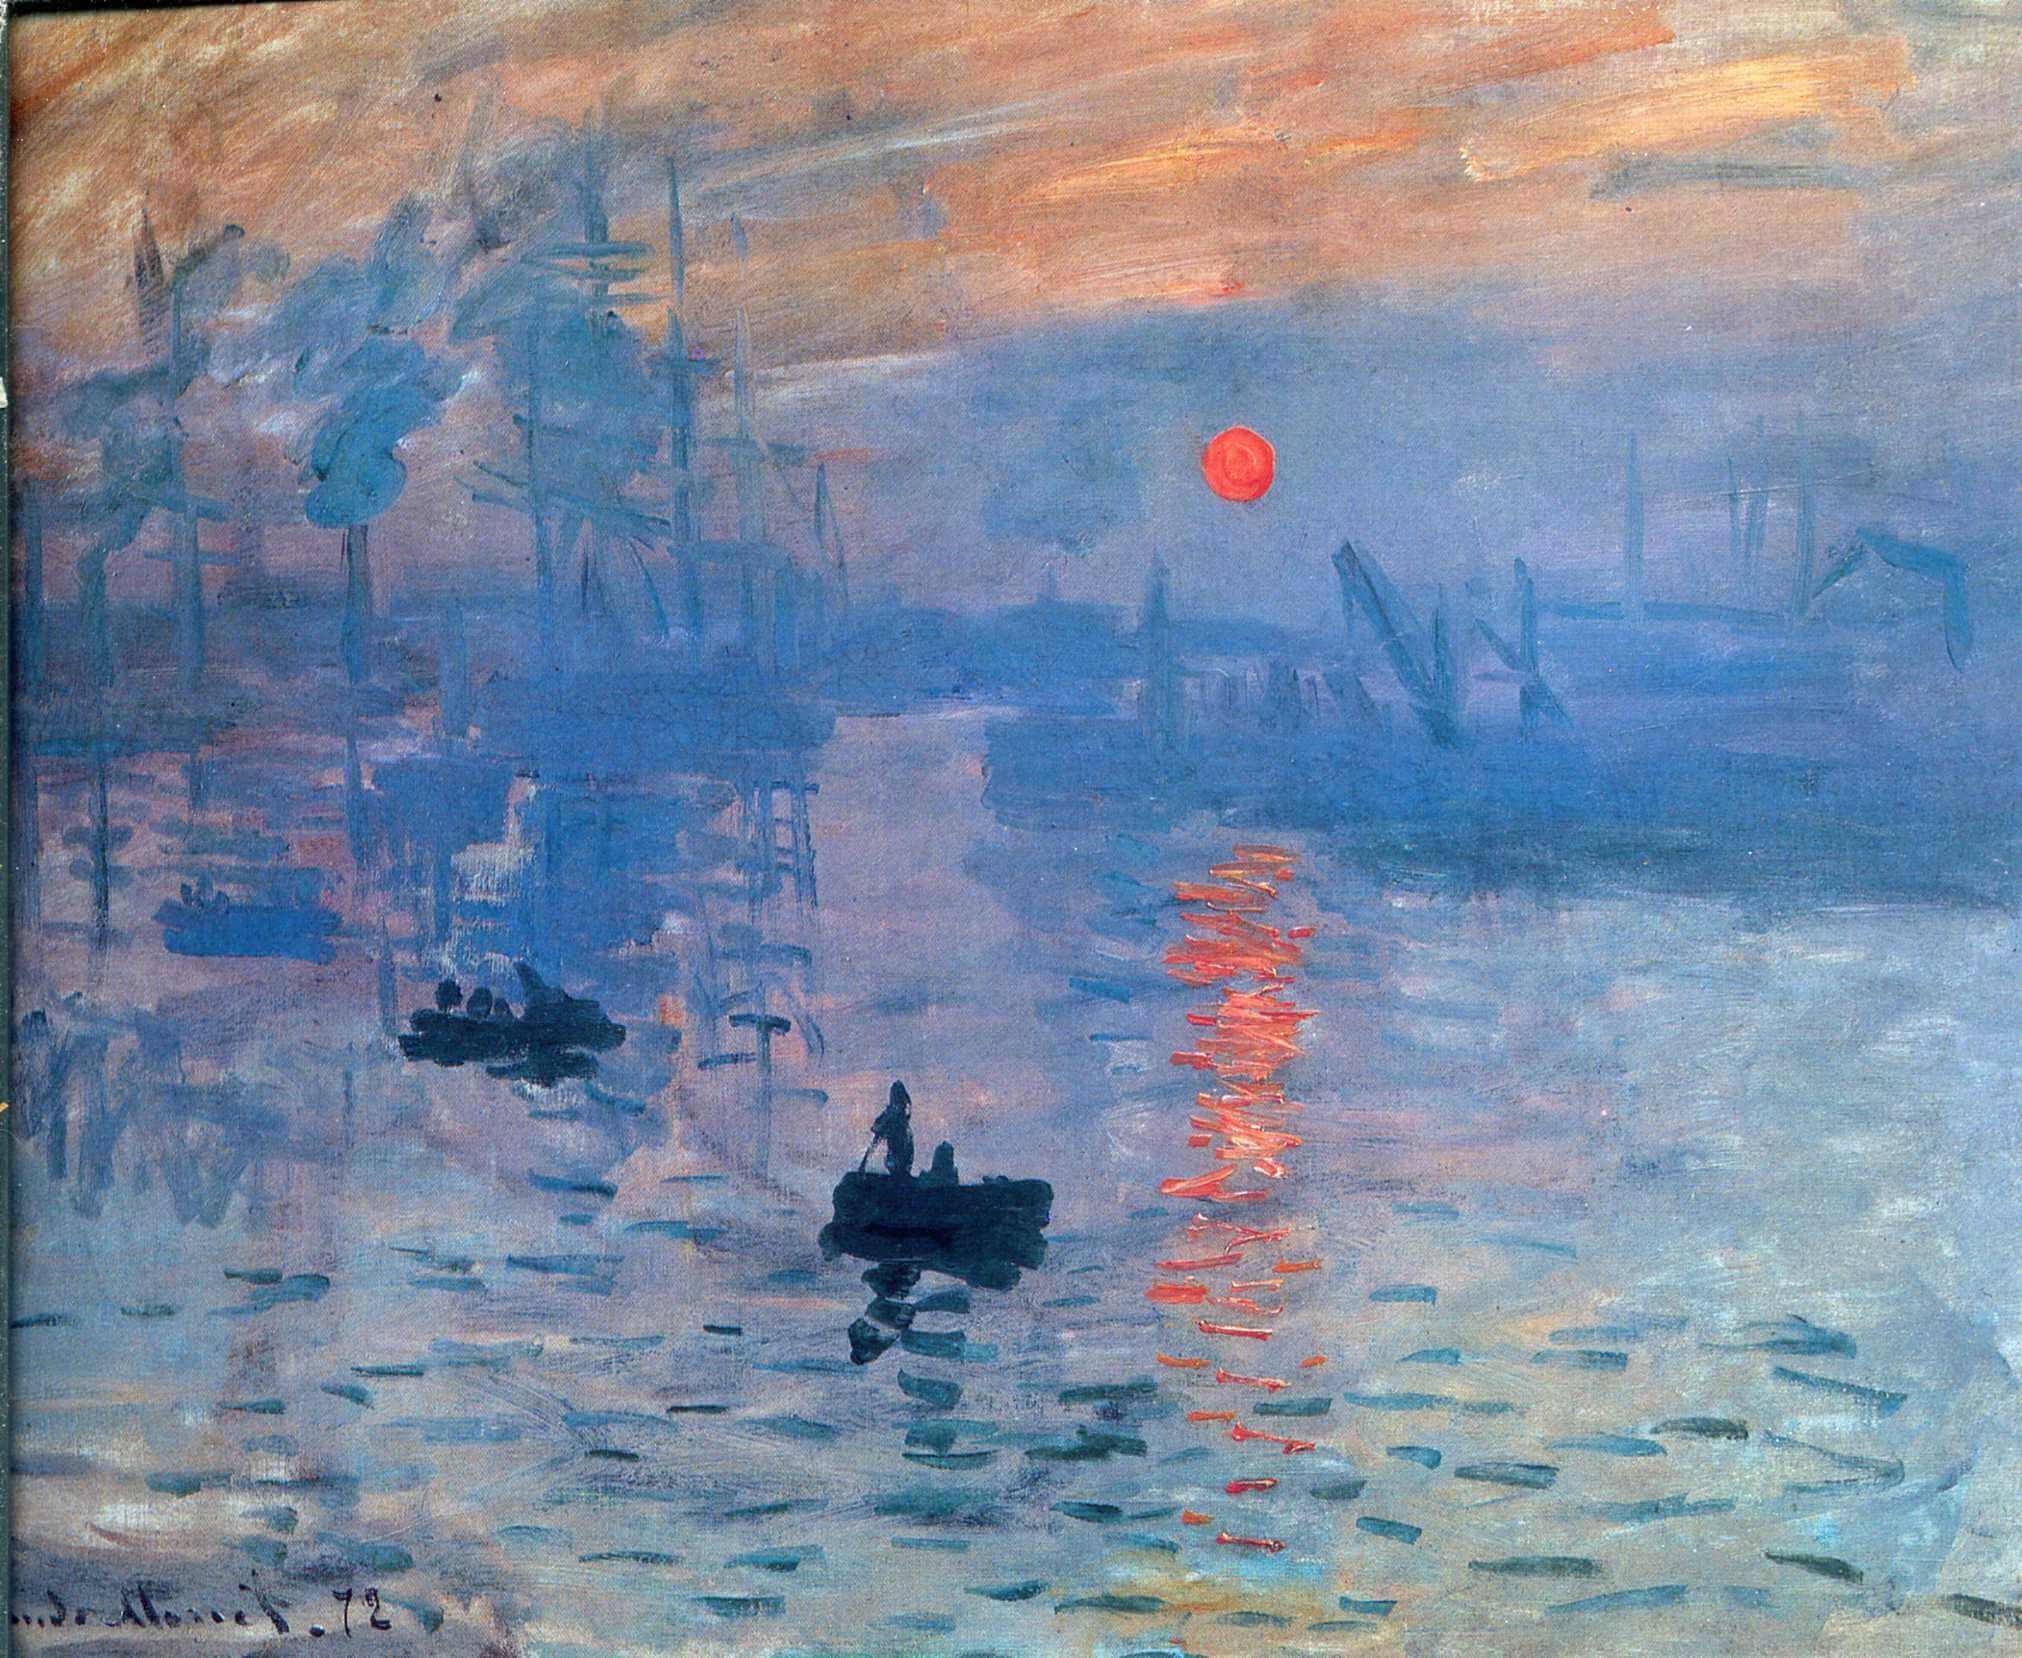 el sol naciente, cuadro de Monet que dio inicio al impresionismo